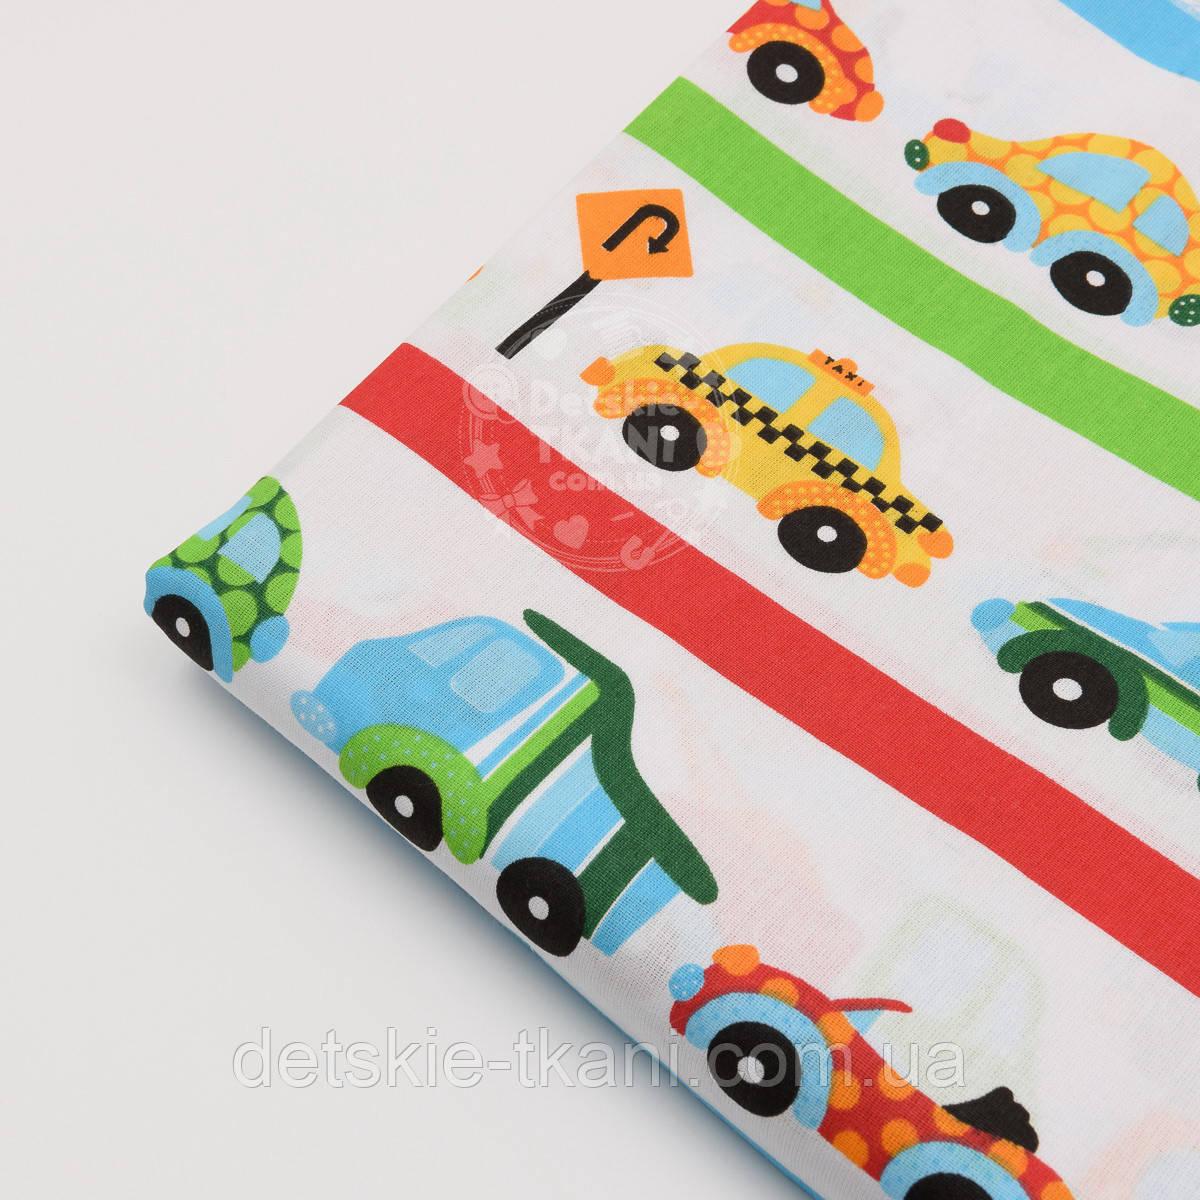 Лоскут ткани №267  с изображением машинок и разноцветных полос